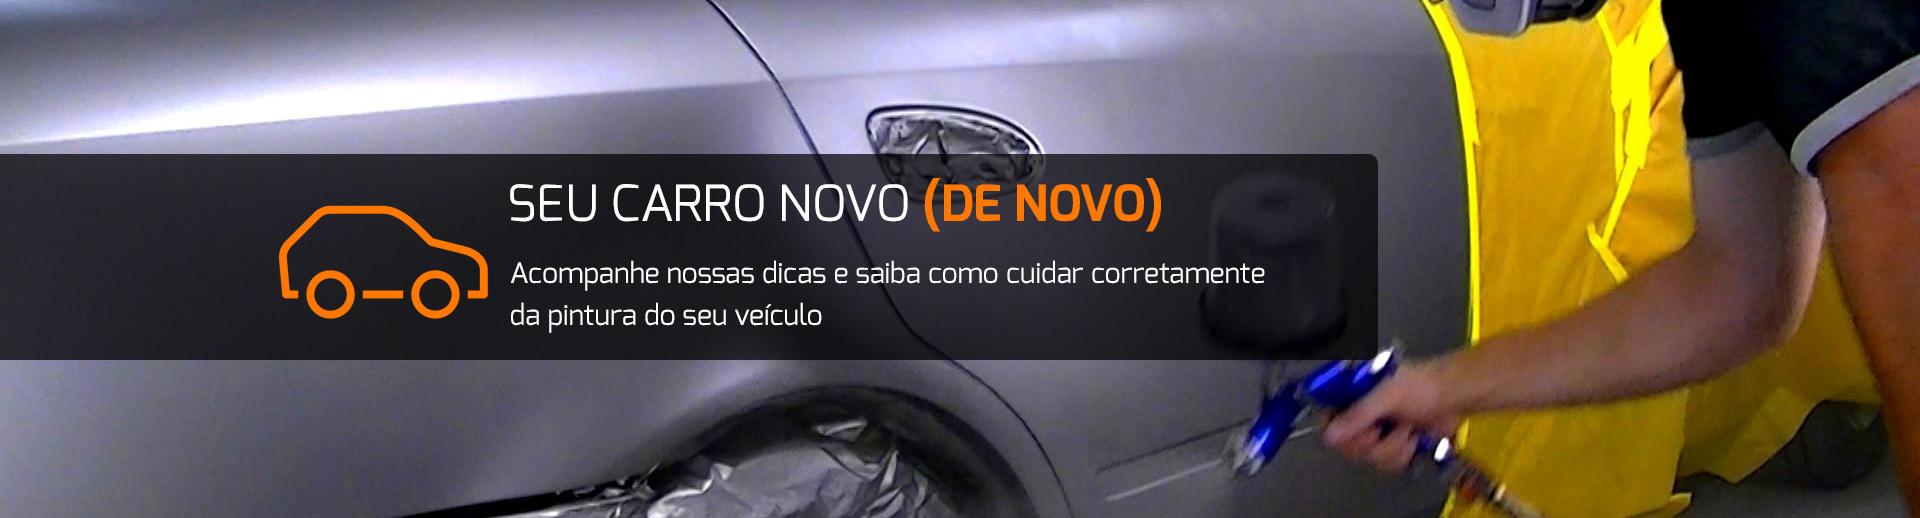 Seu Carro Novo (De novo)